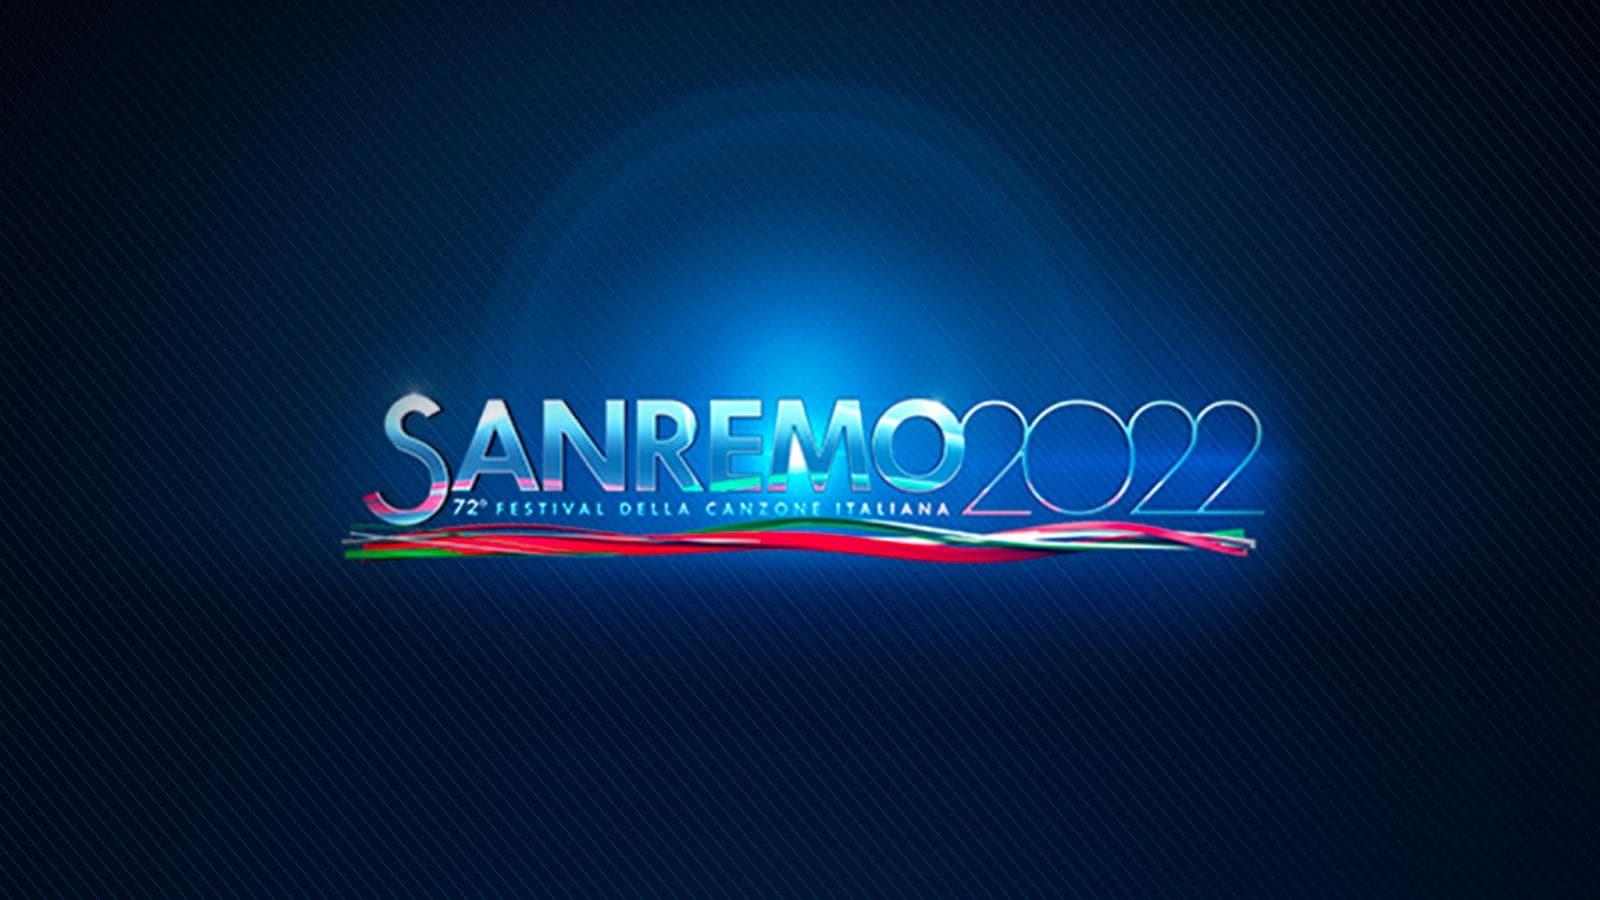 sanremo_2022